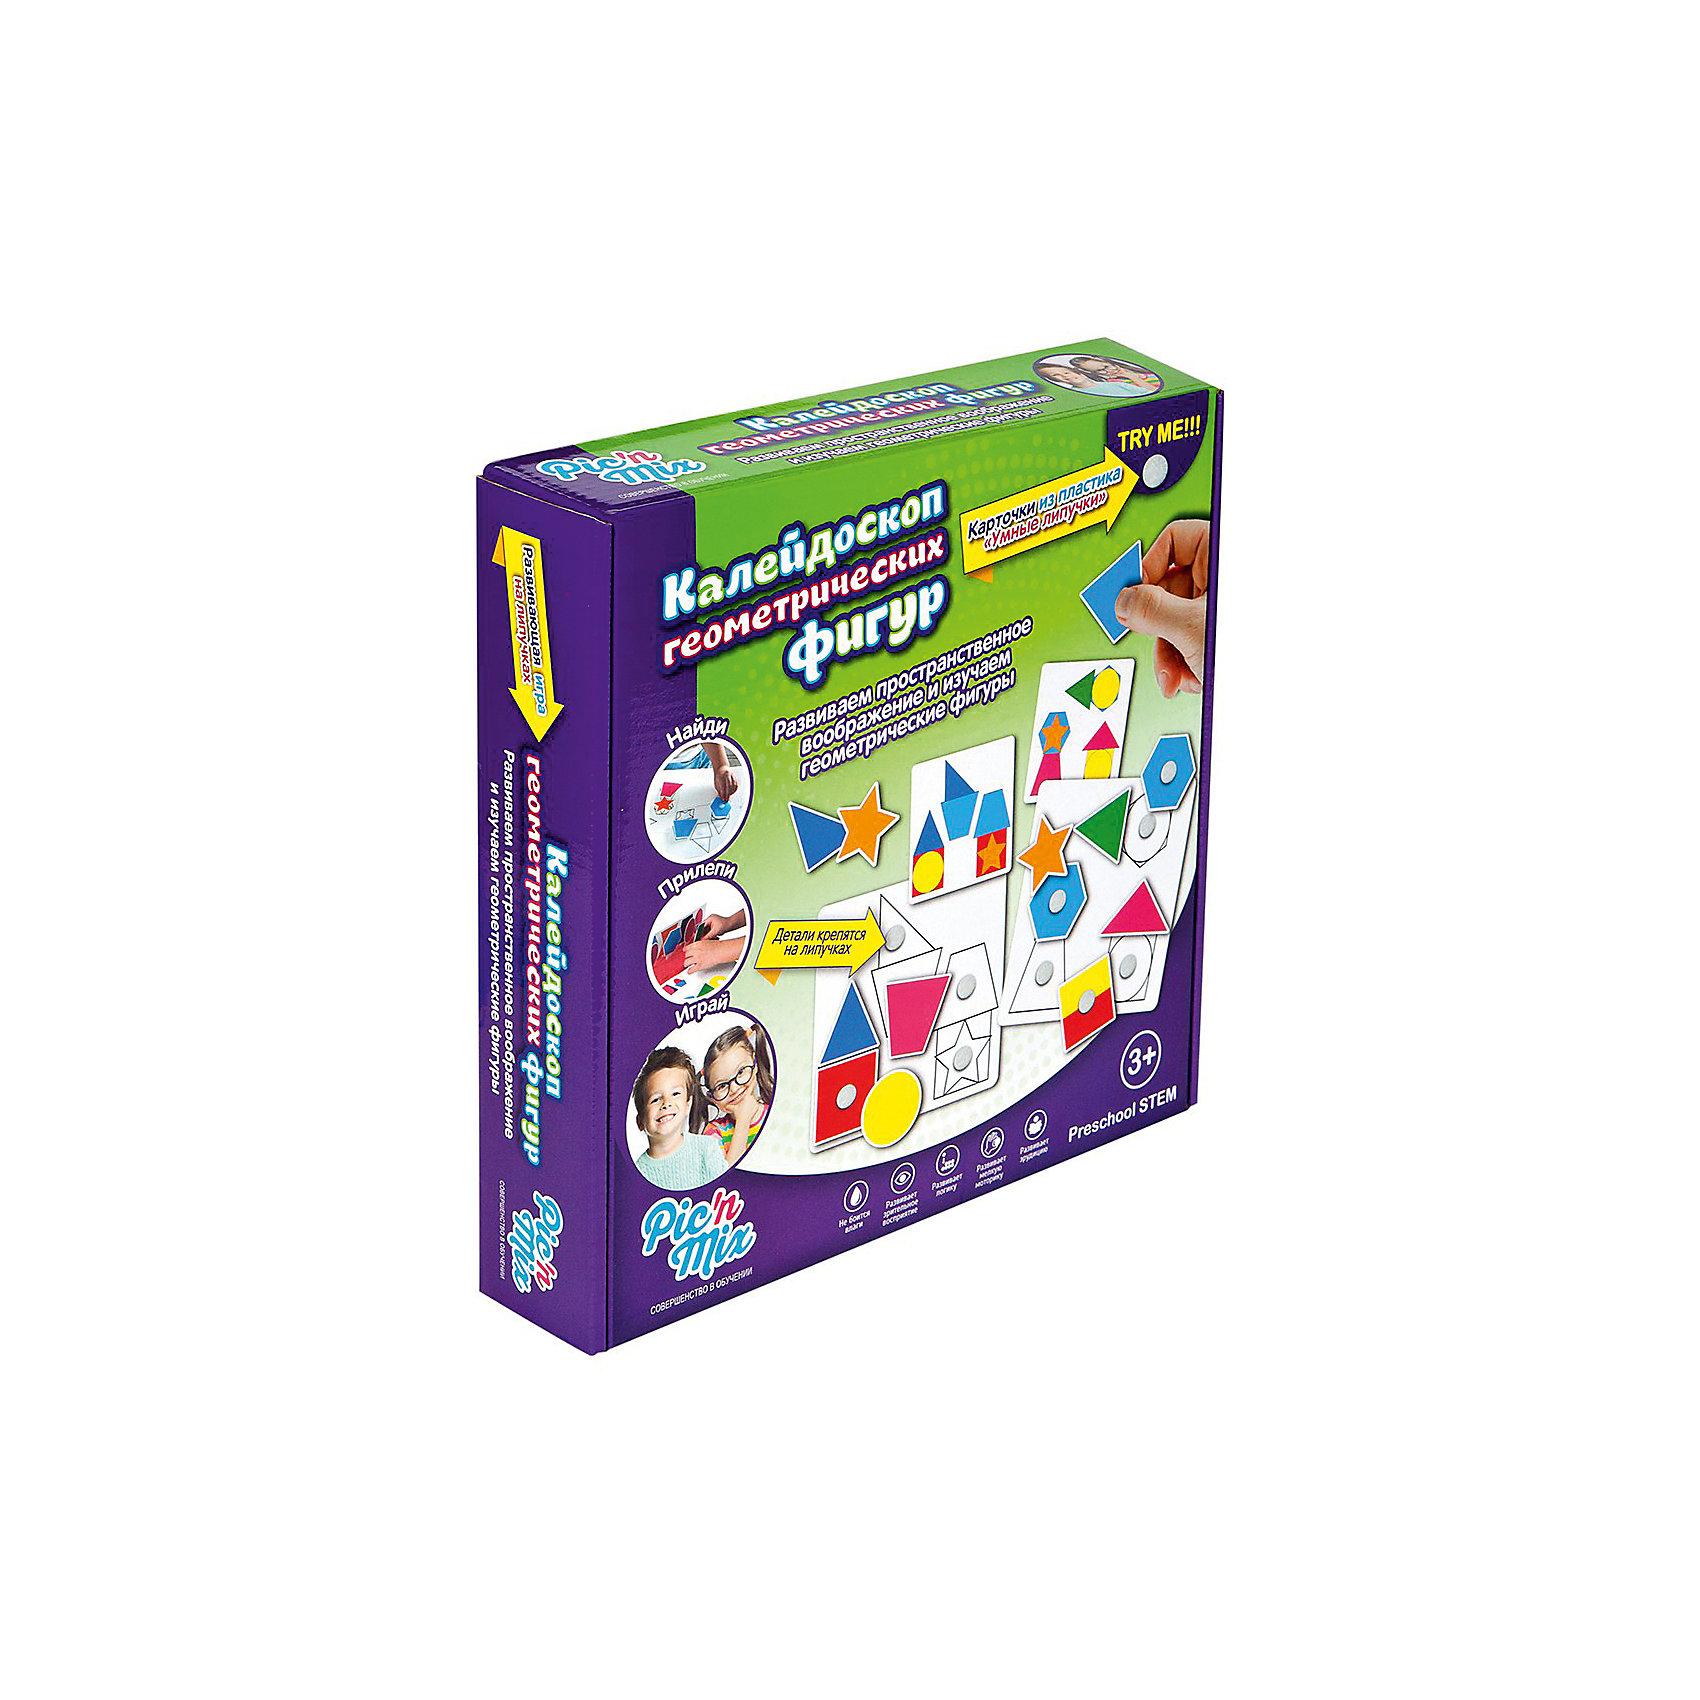 Калейдоскоп геометрических фигур, PicnMixИгры для дошкольников<br>Обучающая игра пазл-липучка включает в себя 2 этапа и состоит из 6 игровых полей, используя которые, ребенок учится собирать  образы и изображения из нескольких геометрических фигур; на втором этапе, он составляет сложные геометрические фигуры совмещая простые. Игра развивает пространственное воображение; восприятие формы и цвета; зрительную память; творческие способности;  мелкую моторику рук.<br><br>Дополнительная информация:<br><br>- Материал: пластик, картон.<br>- Размер: 16 ? 25 ? 5.3 см.<br>- Комплектация: 6 игровых полей, карточки, инструкция.<br>- Предназначена для нескольких игроков.<br>- Карточки устойчивы к механическому воздействию, воздействию влаги.<br><br>Игру Калейдоскоп геометрических фигур, Pic`n Mix, можно купить в нашем магазине.<br><br>Ширина мм: 250<br>Глубина мм: 160<br>Высота мм: 52<br>Вес г: 300<br>Возраст от месяцев: 36<br>Возраст до месяцев: 60<br>Пол: Унисекс<br>Возраст: Детский<br>SKU: 4284796